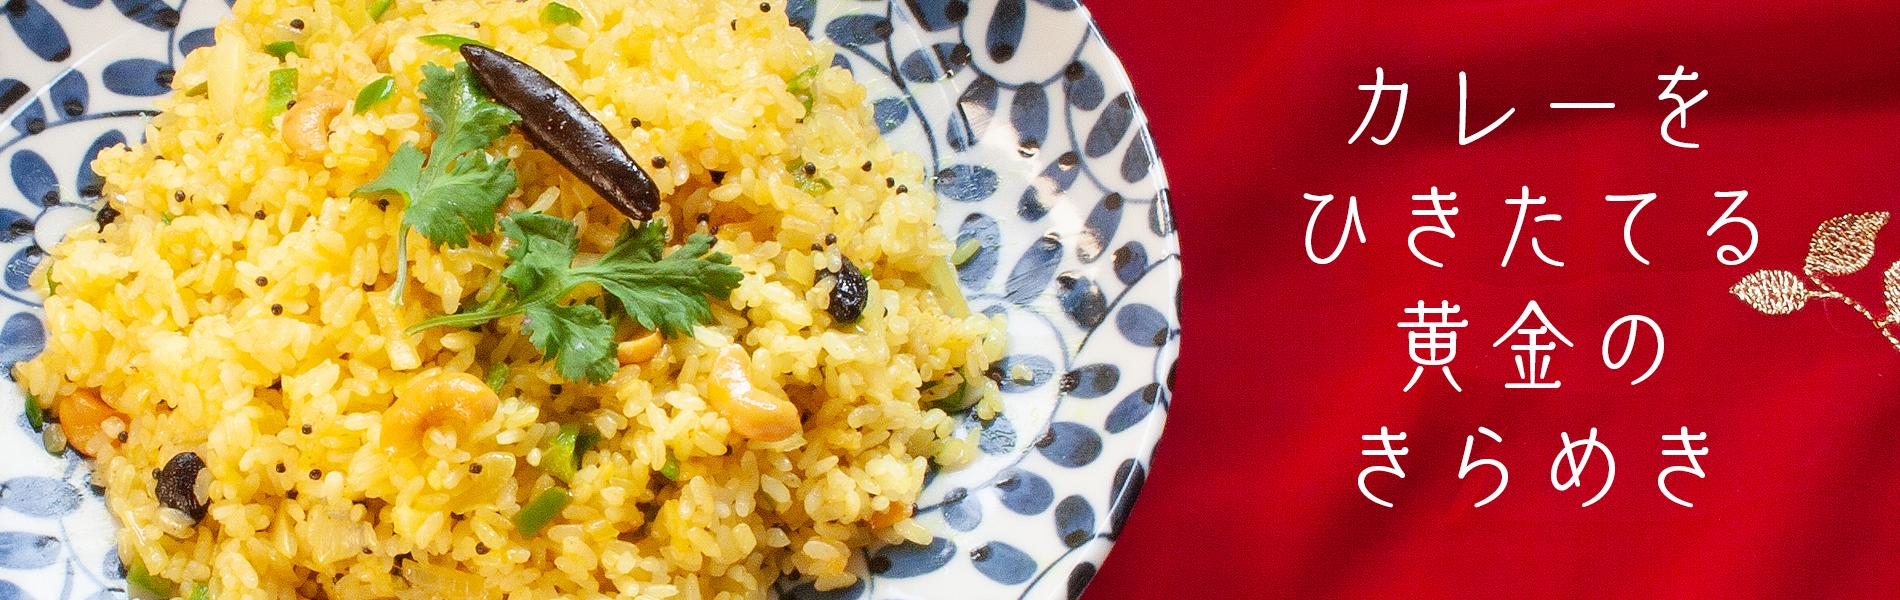 印度料理シタール|レモンライス